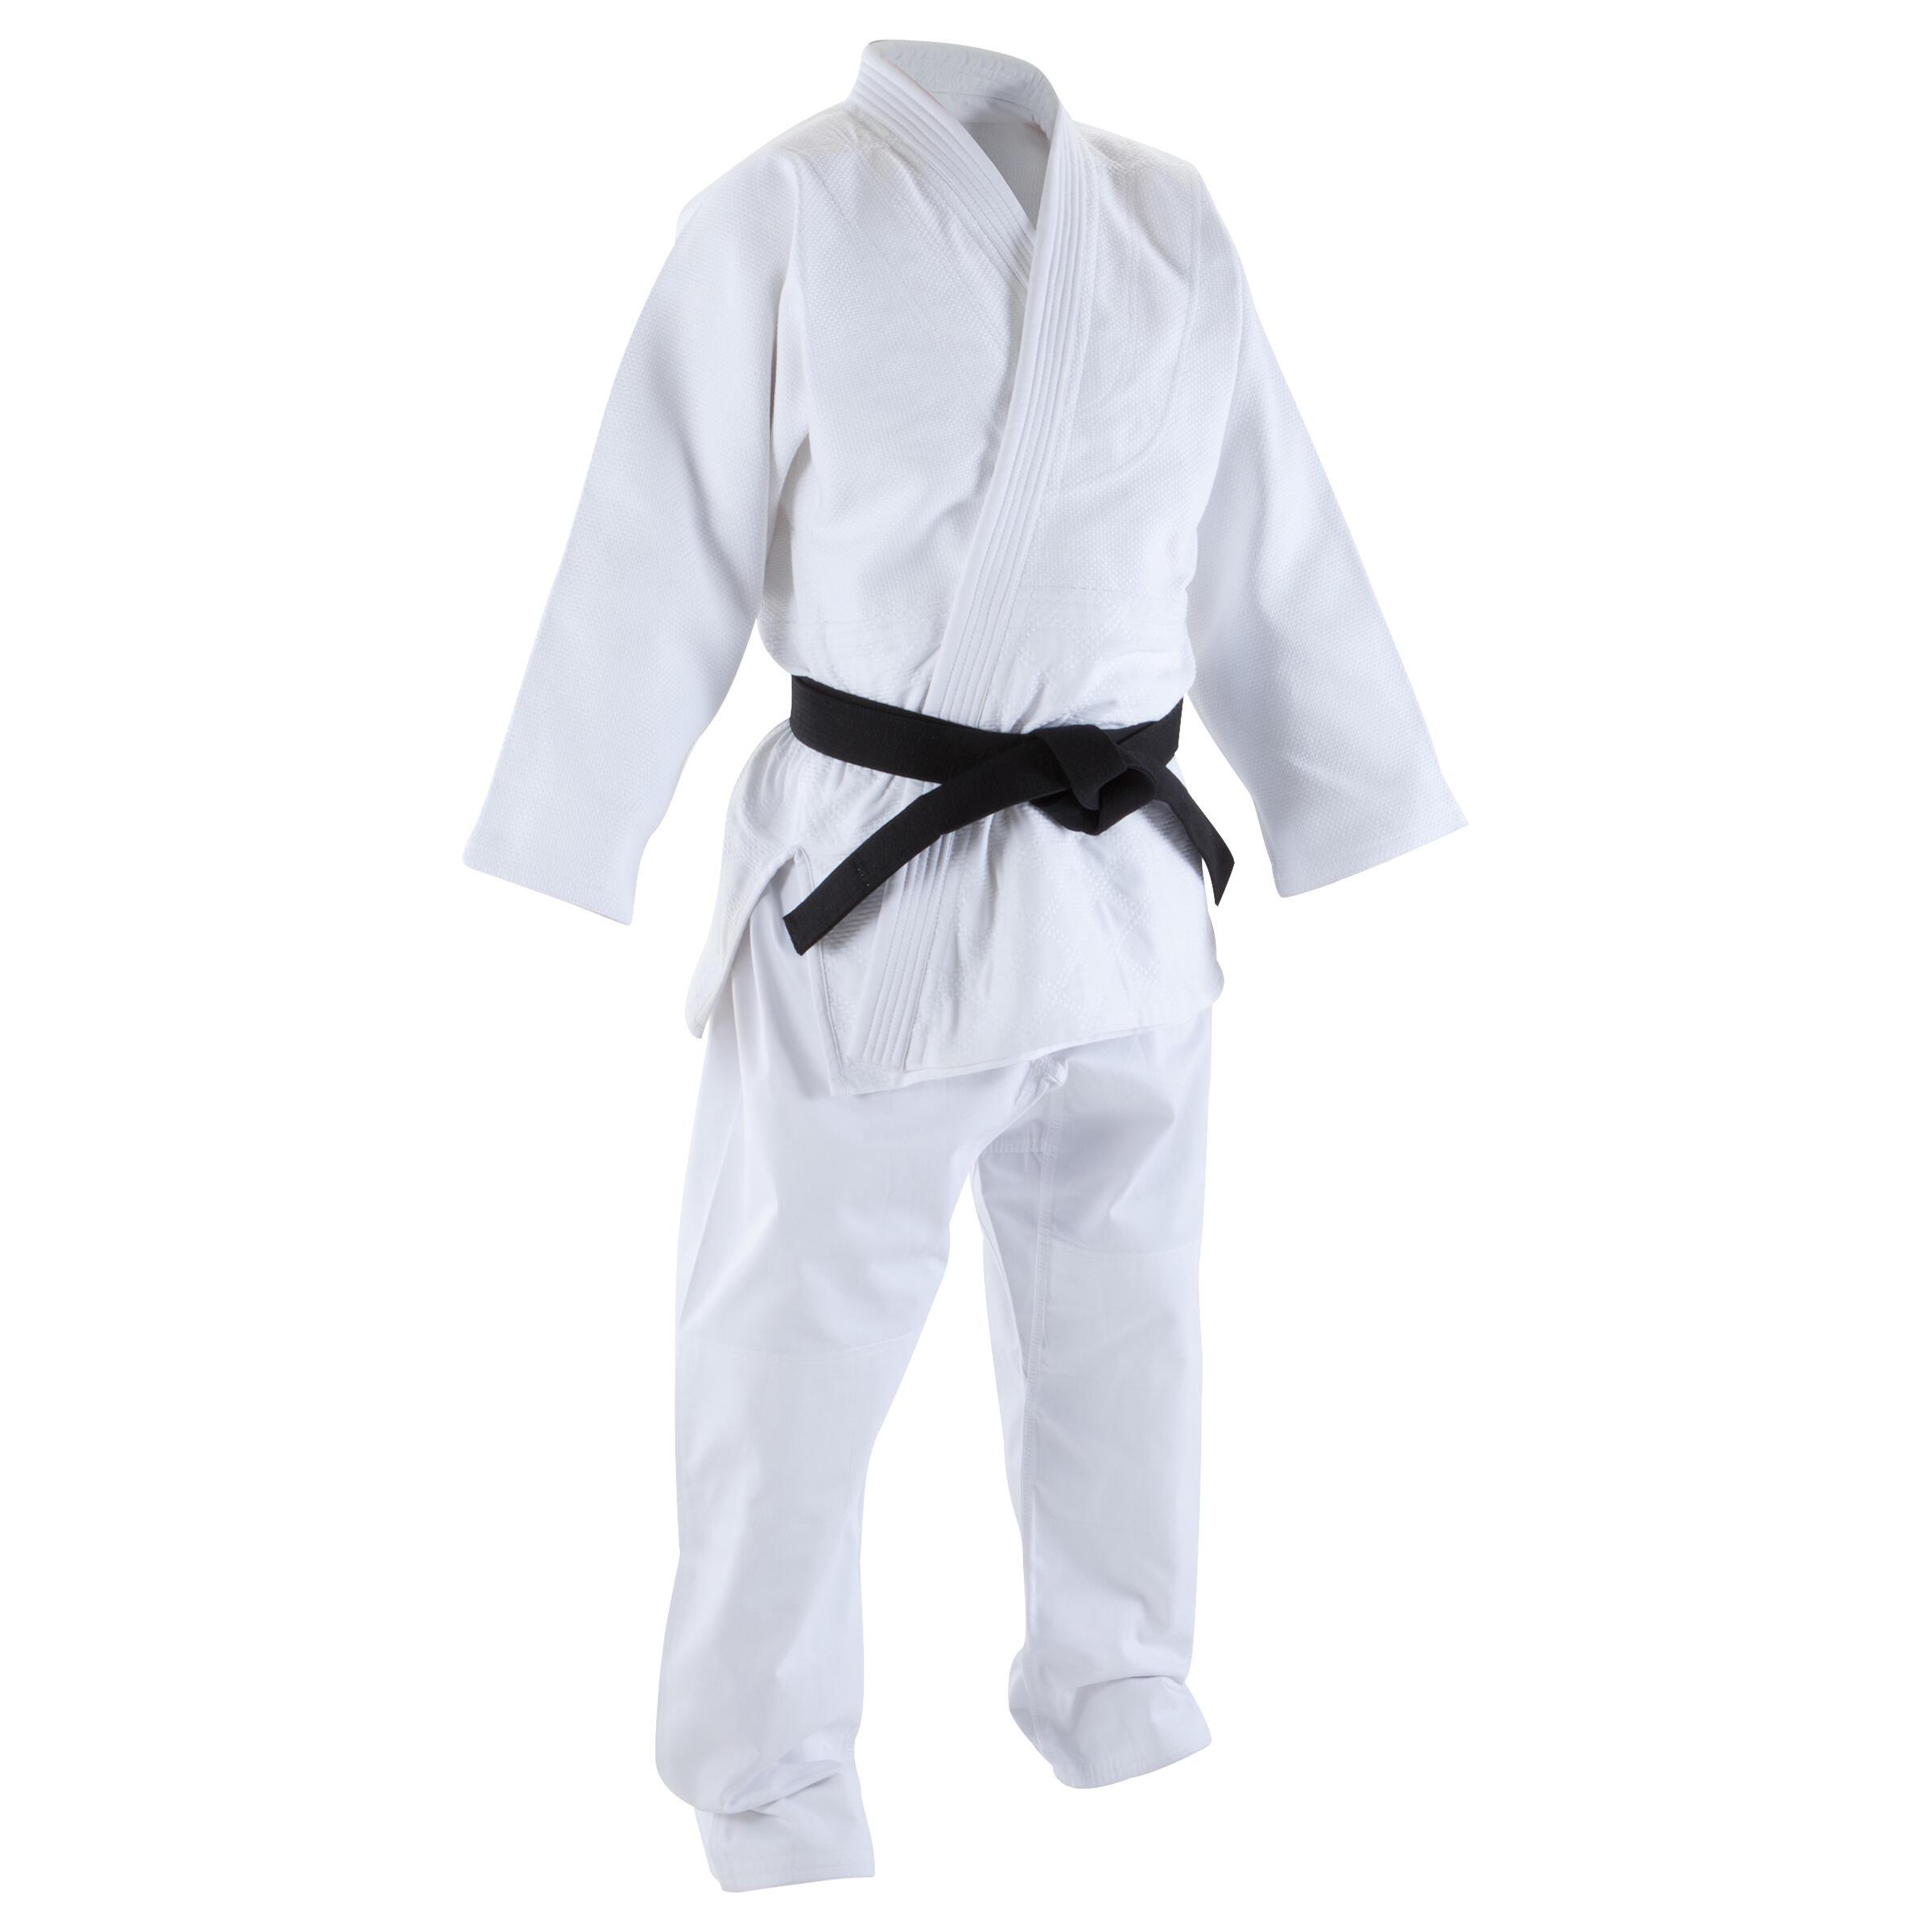 Judoanzug 730 Erwachsene | Sportbekleidung > Sportanzüge > Judoanzüge | Weiß | Outshock